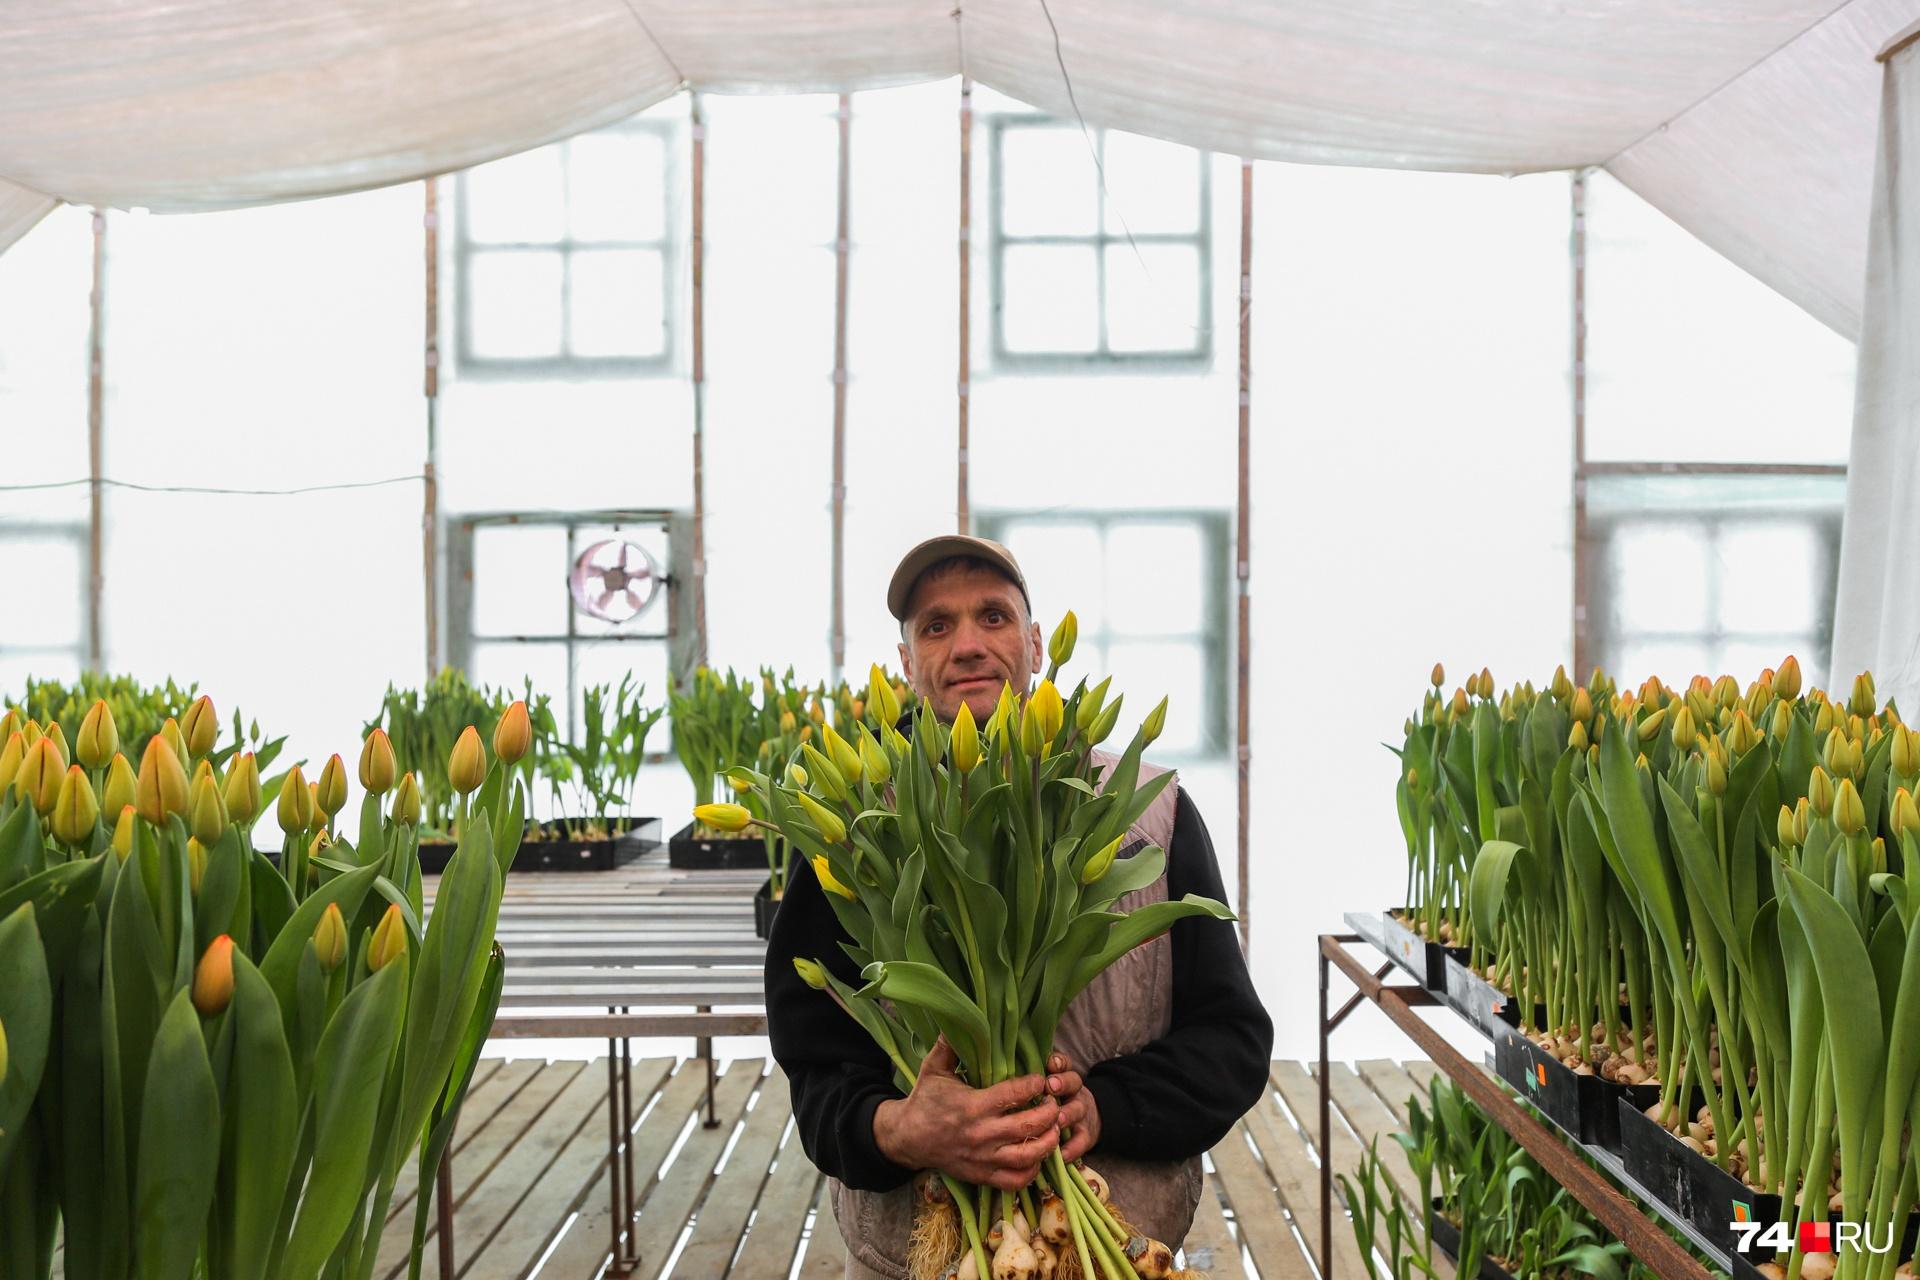 Без мужской силы в теплице не обойтись, одна корзина с тюльпанами весит около пяти килограммов